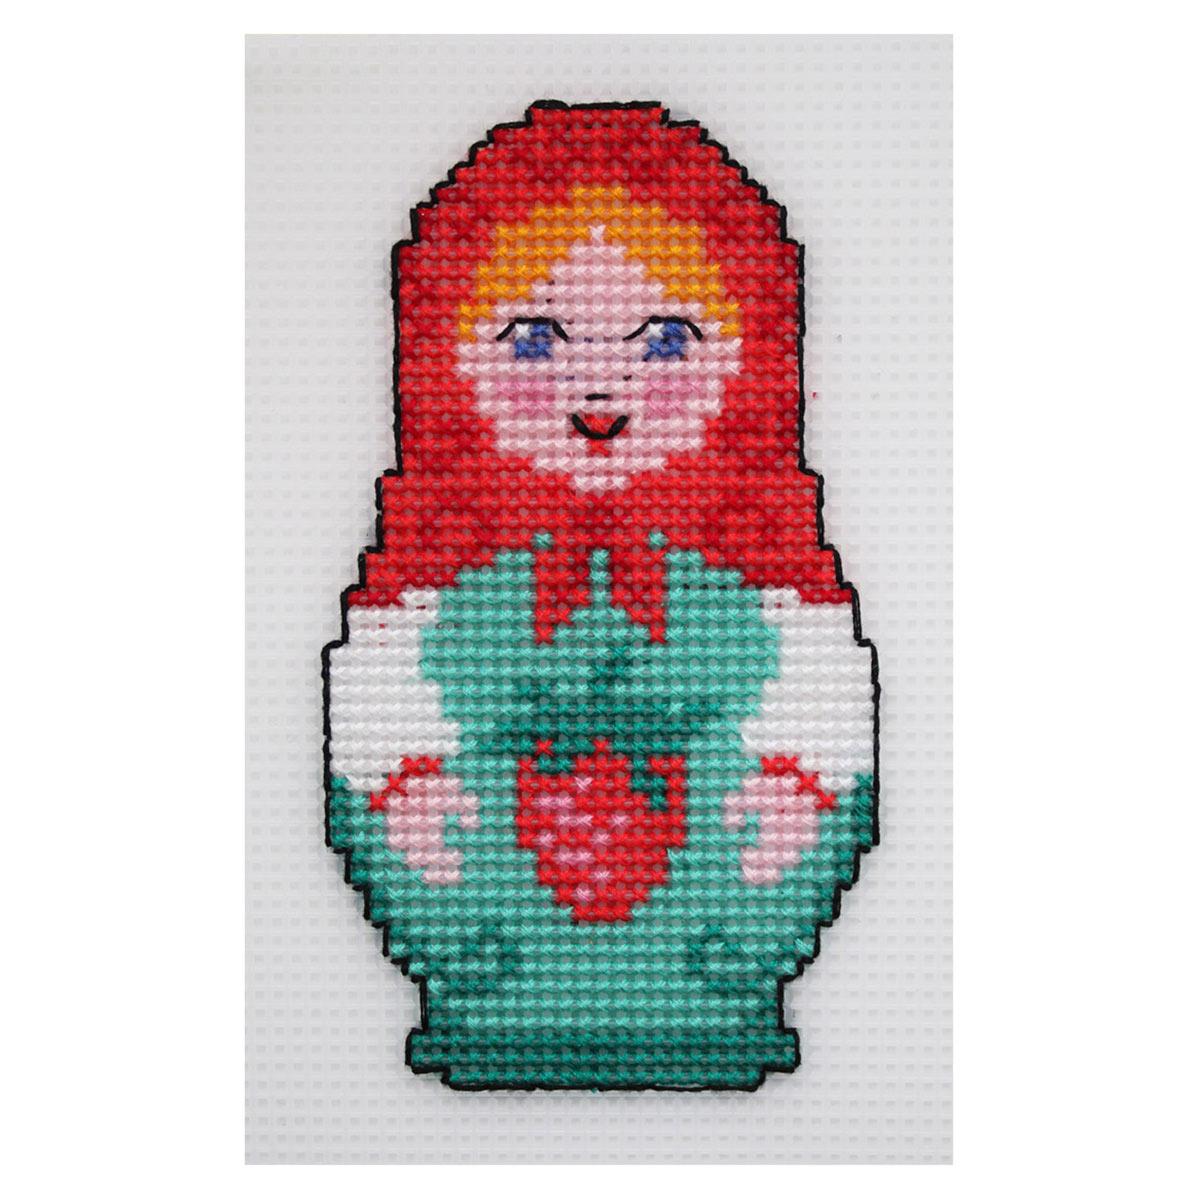 П-0010 Набор для вышивания на пластиковой канве Hobby & Pro Kids 'Матрешка с клубникой', 7,5*13 см